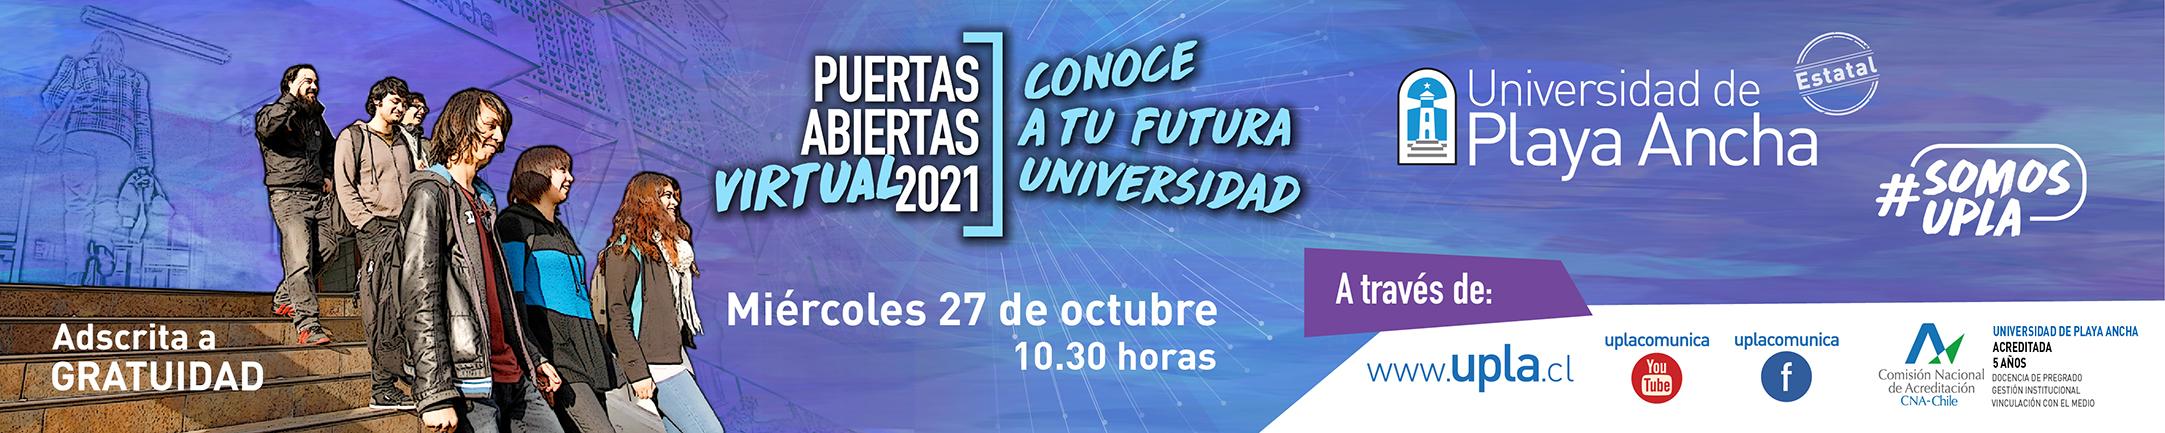 Puertas abiertas UPLA 2021